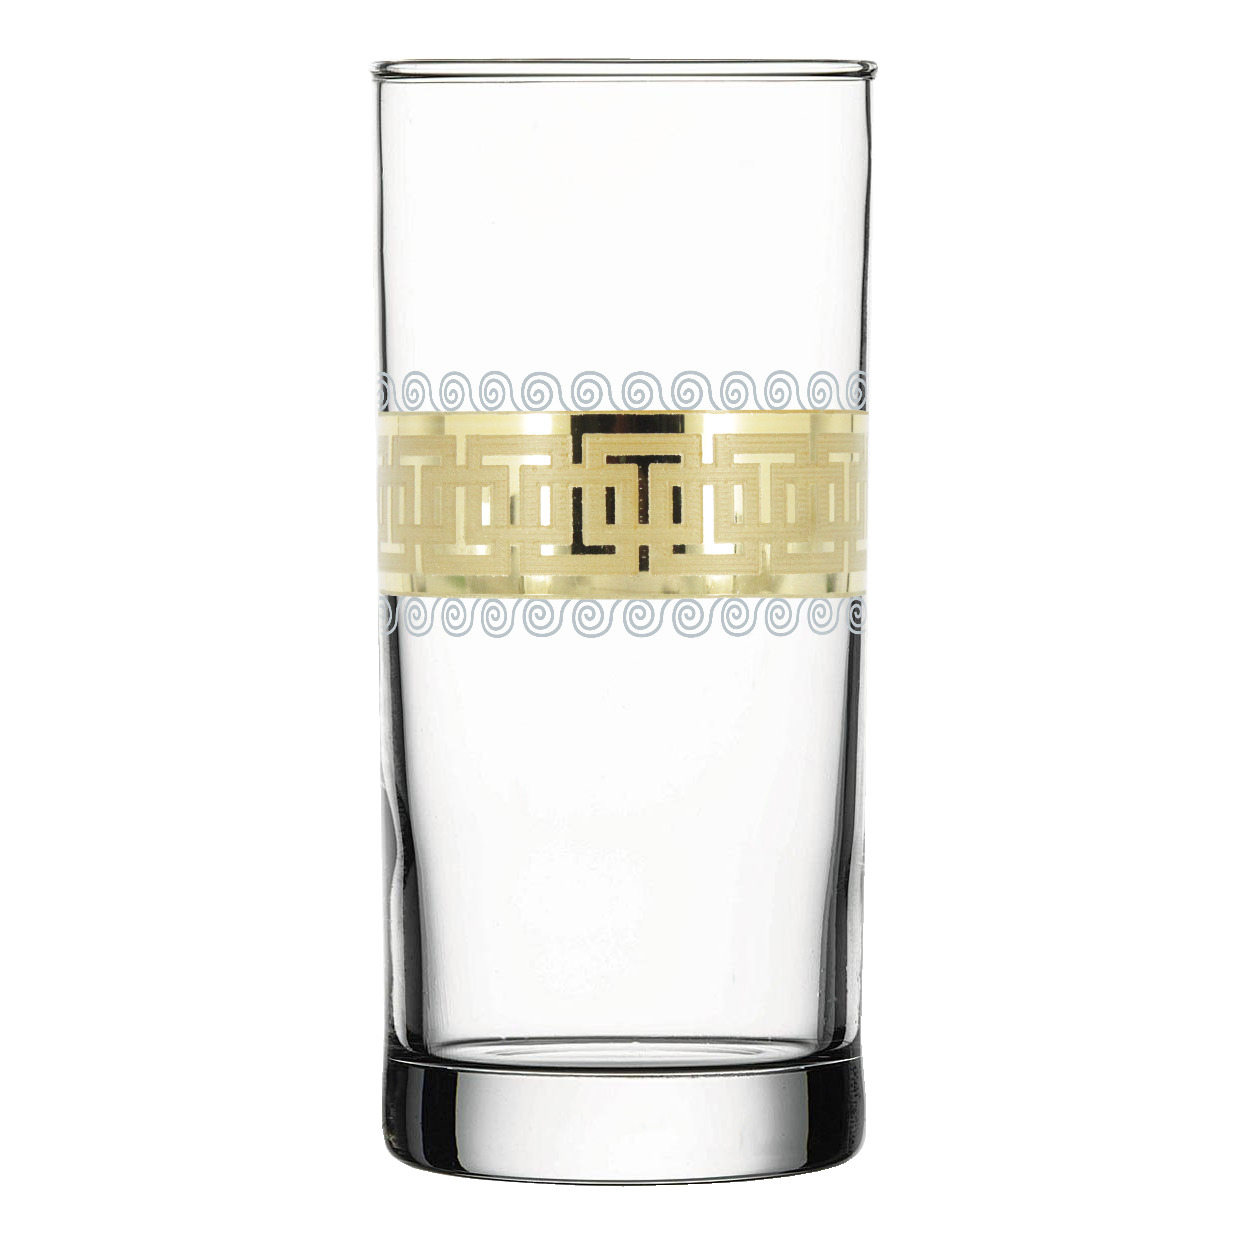 Набор стаканов Гусь-Хрустальный Меандр, EAV26-402, 290 мл, 6 шт набор стаканов гусь хрустальный веточка 350 мл 6 шт